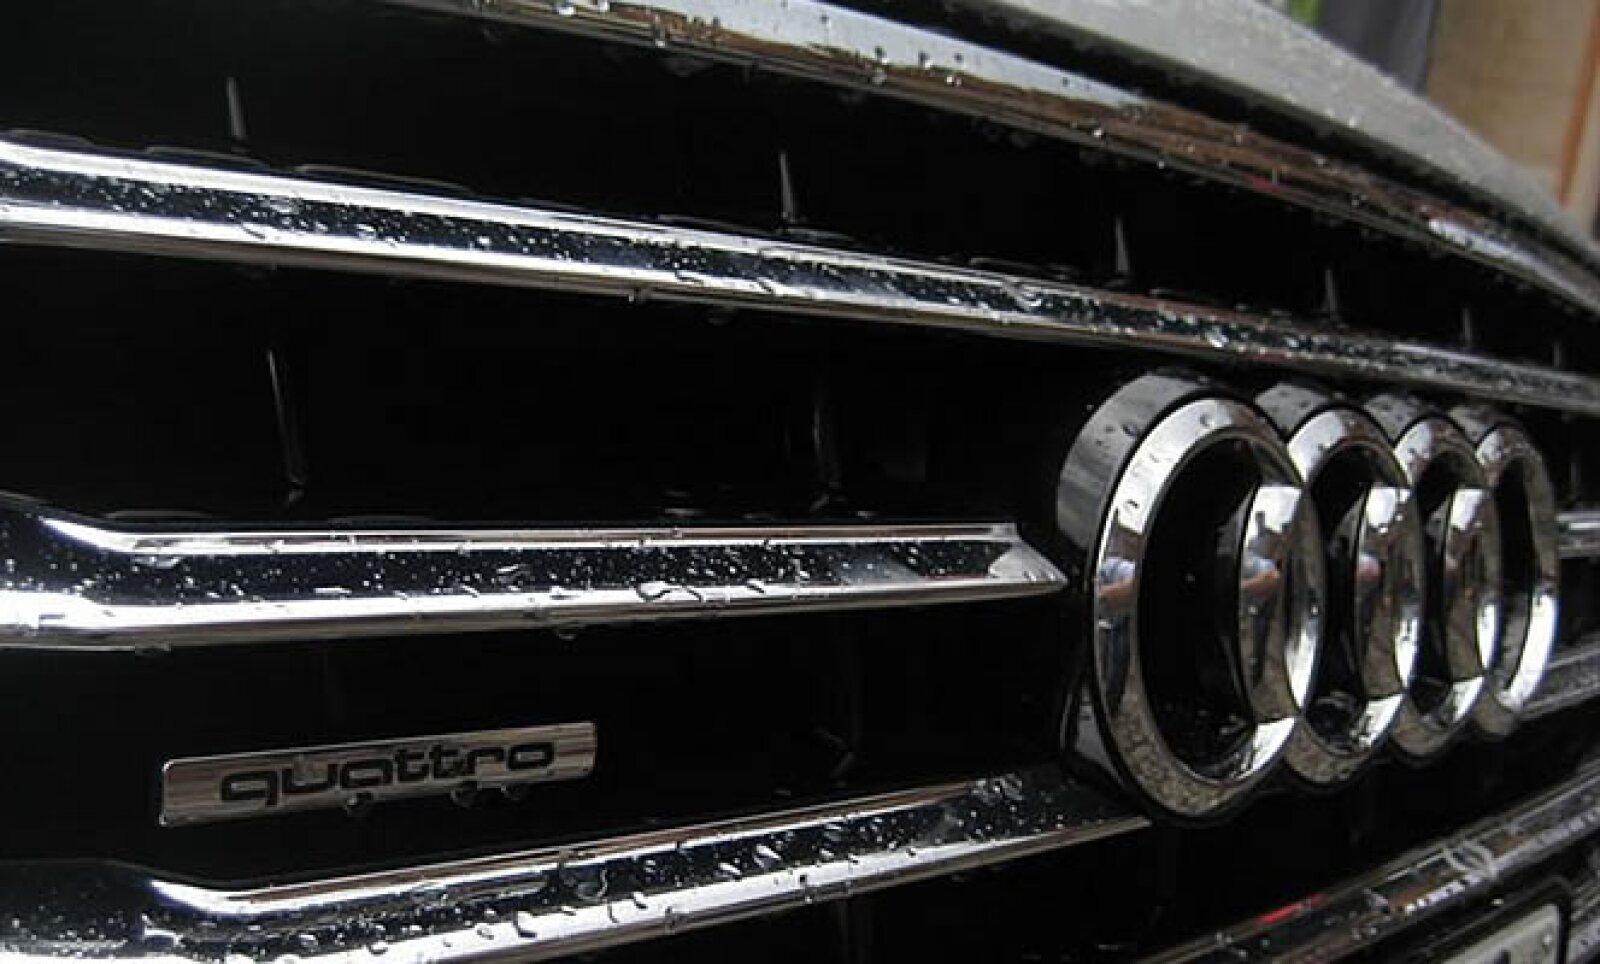 La motorización es de ocho cilindros en V con 4.2 litros de desplazamiento; eroga 372hp y se acopla a una nueva transmisión de ocho velocidades.